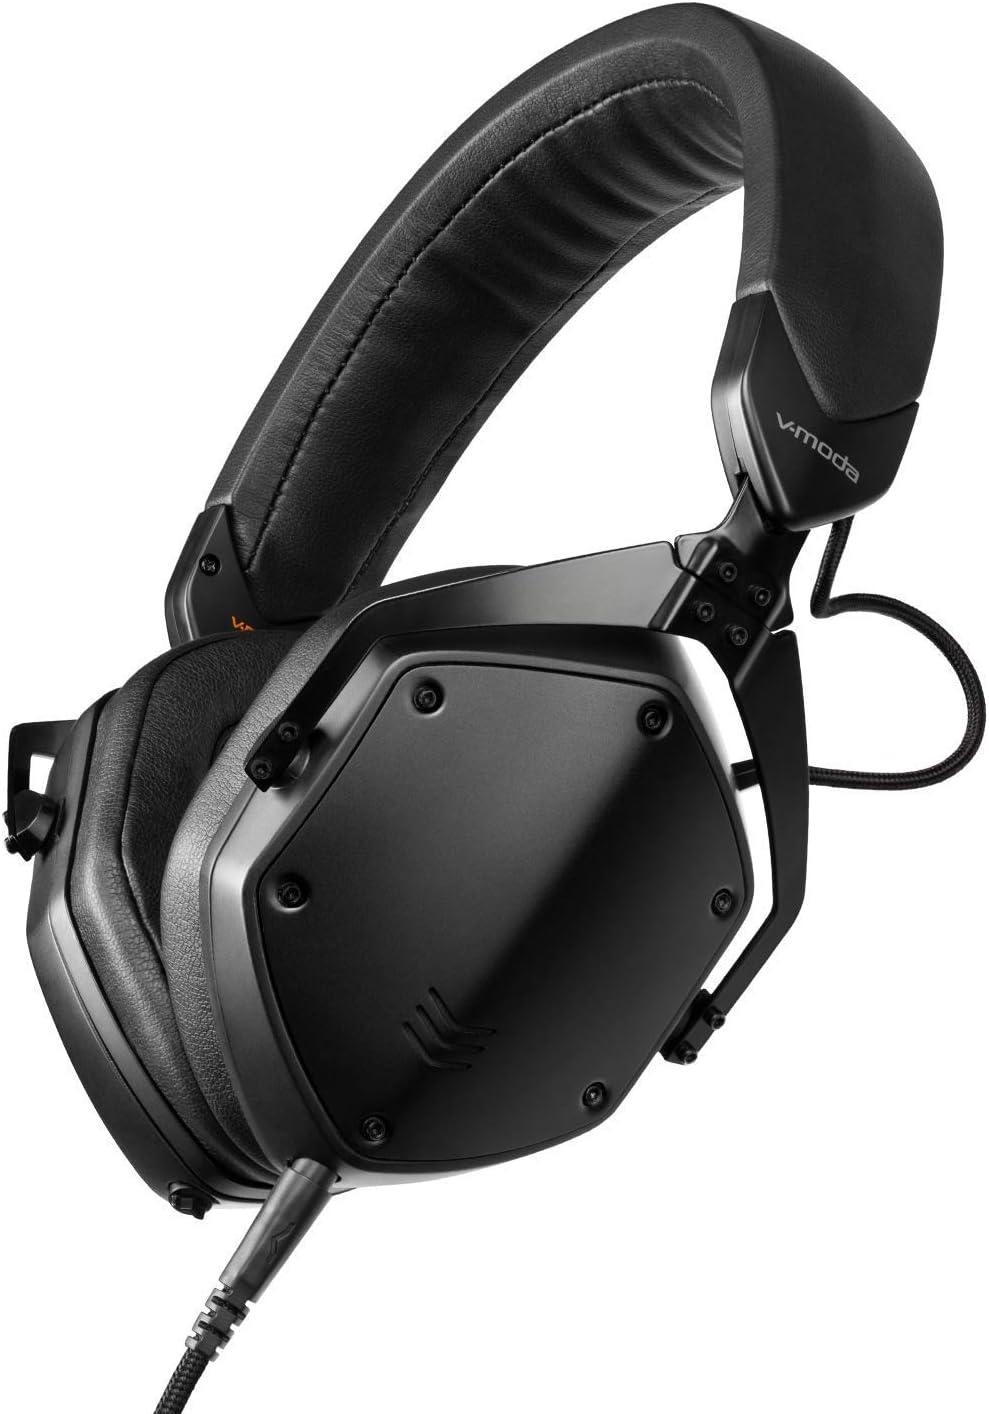 Análisis Auriculares V-Moda M-200